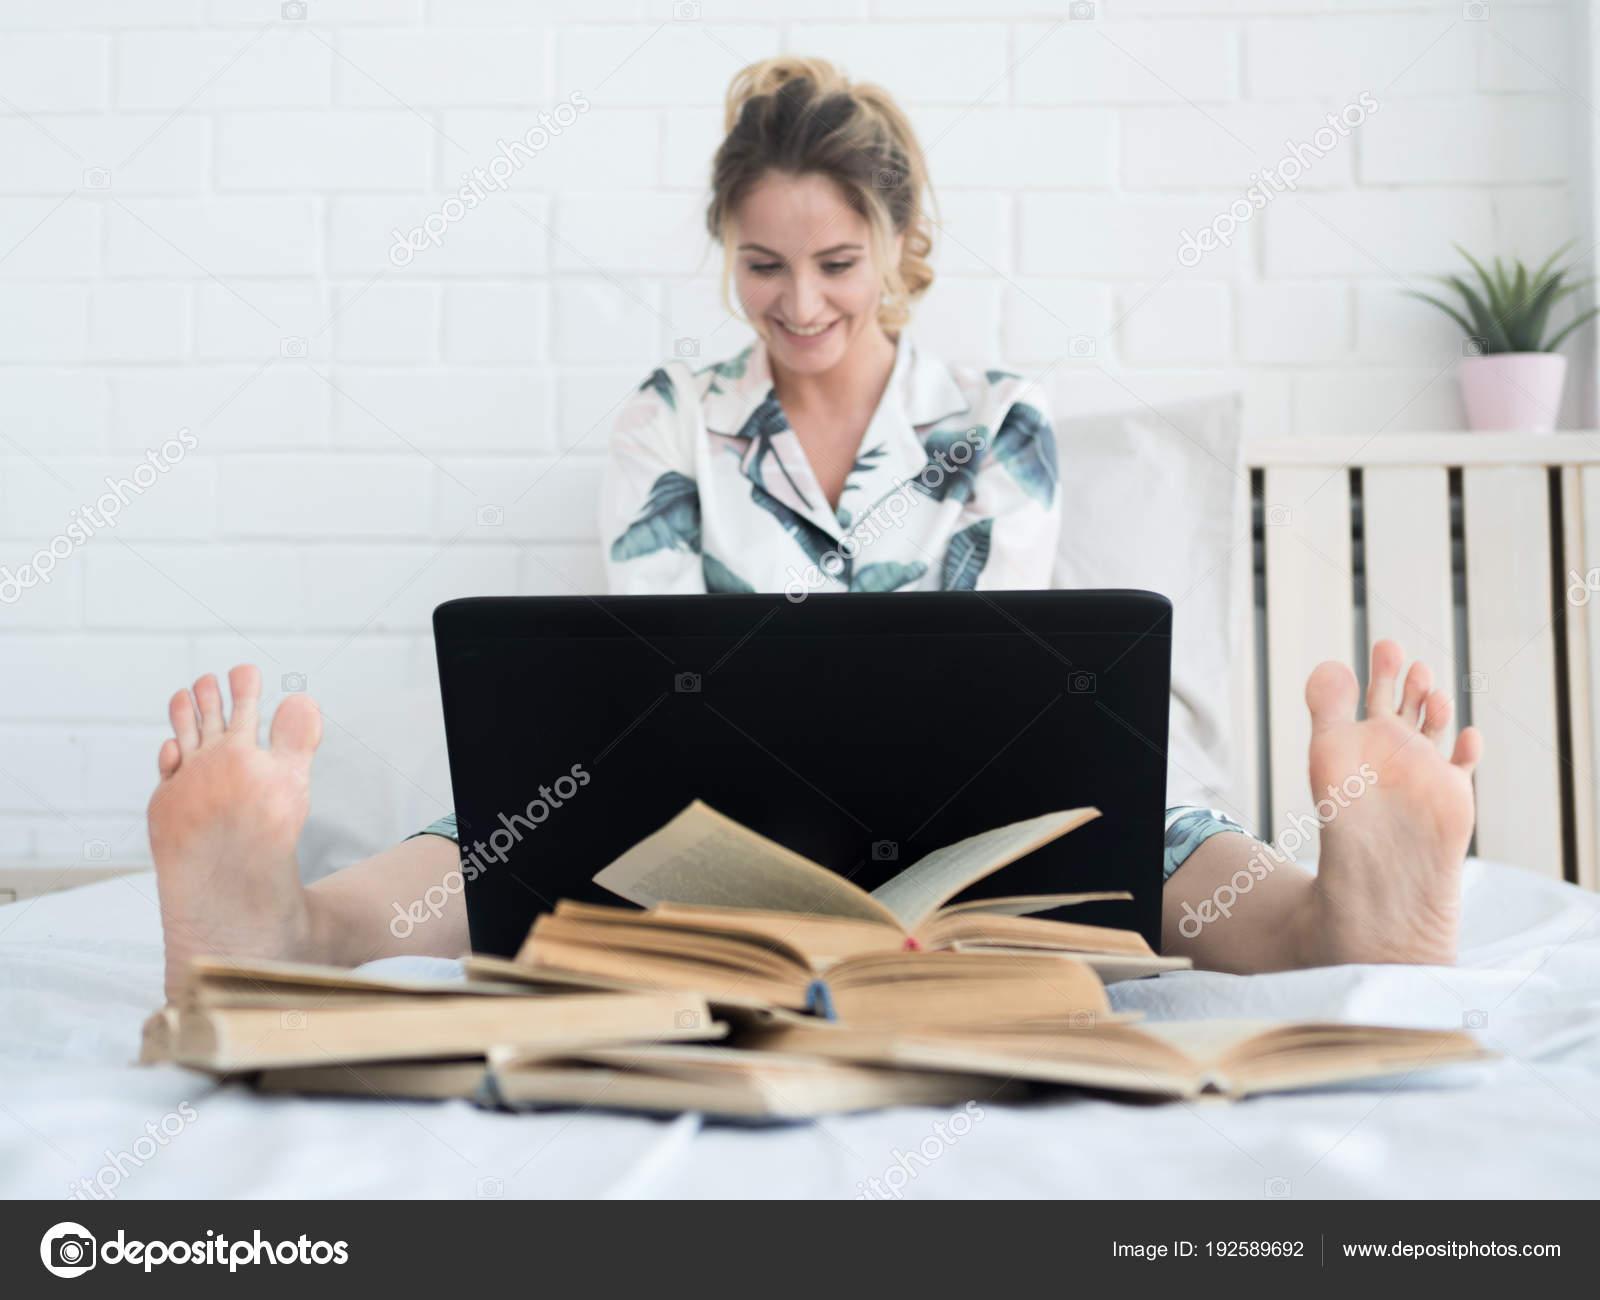 Крупным планом между ног на фото, порно кунилингус для блондинки